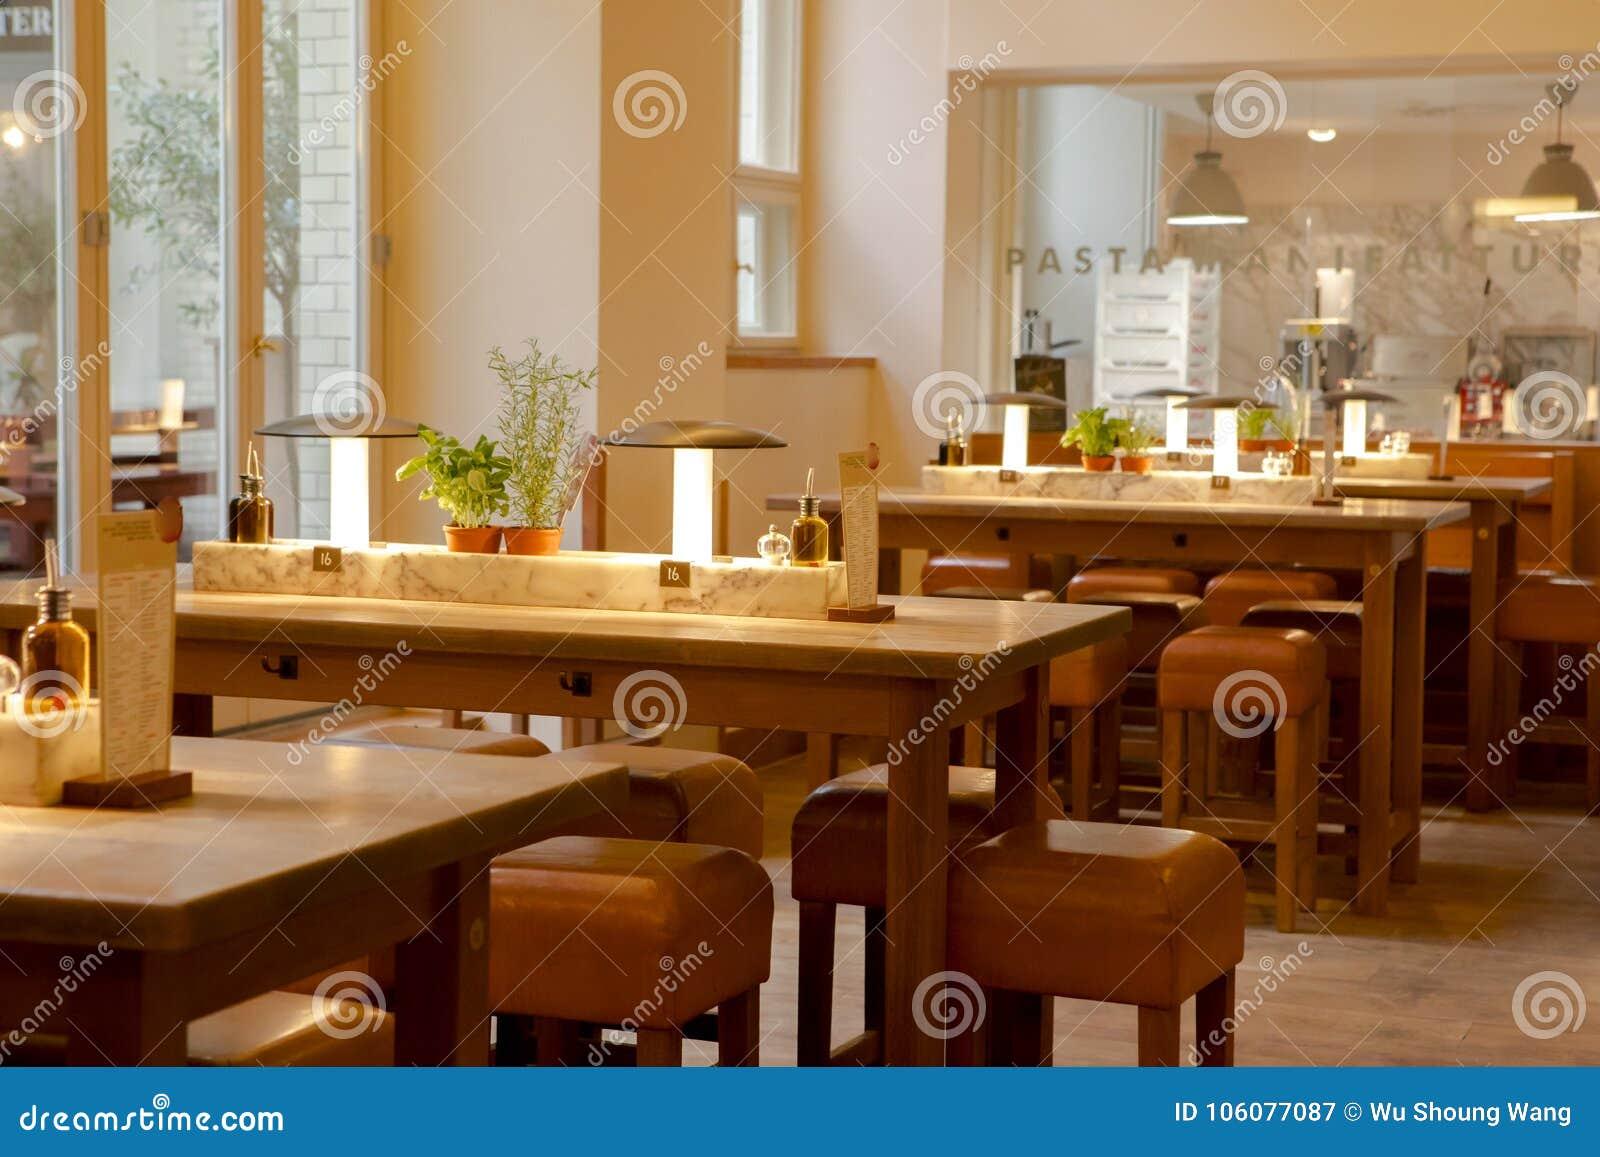 deutschland berlin italienisches restaurant. Black Bedroom Furniture Sets. Home Design Ideas